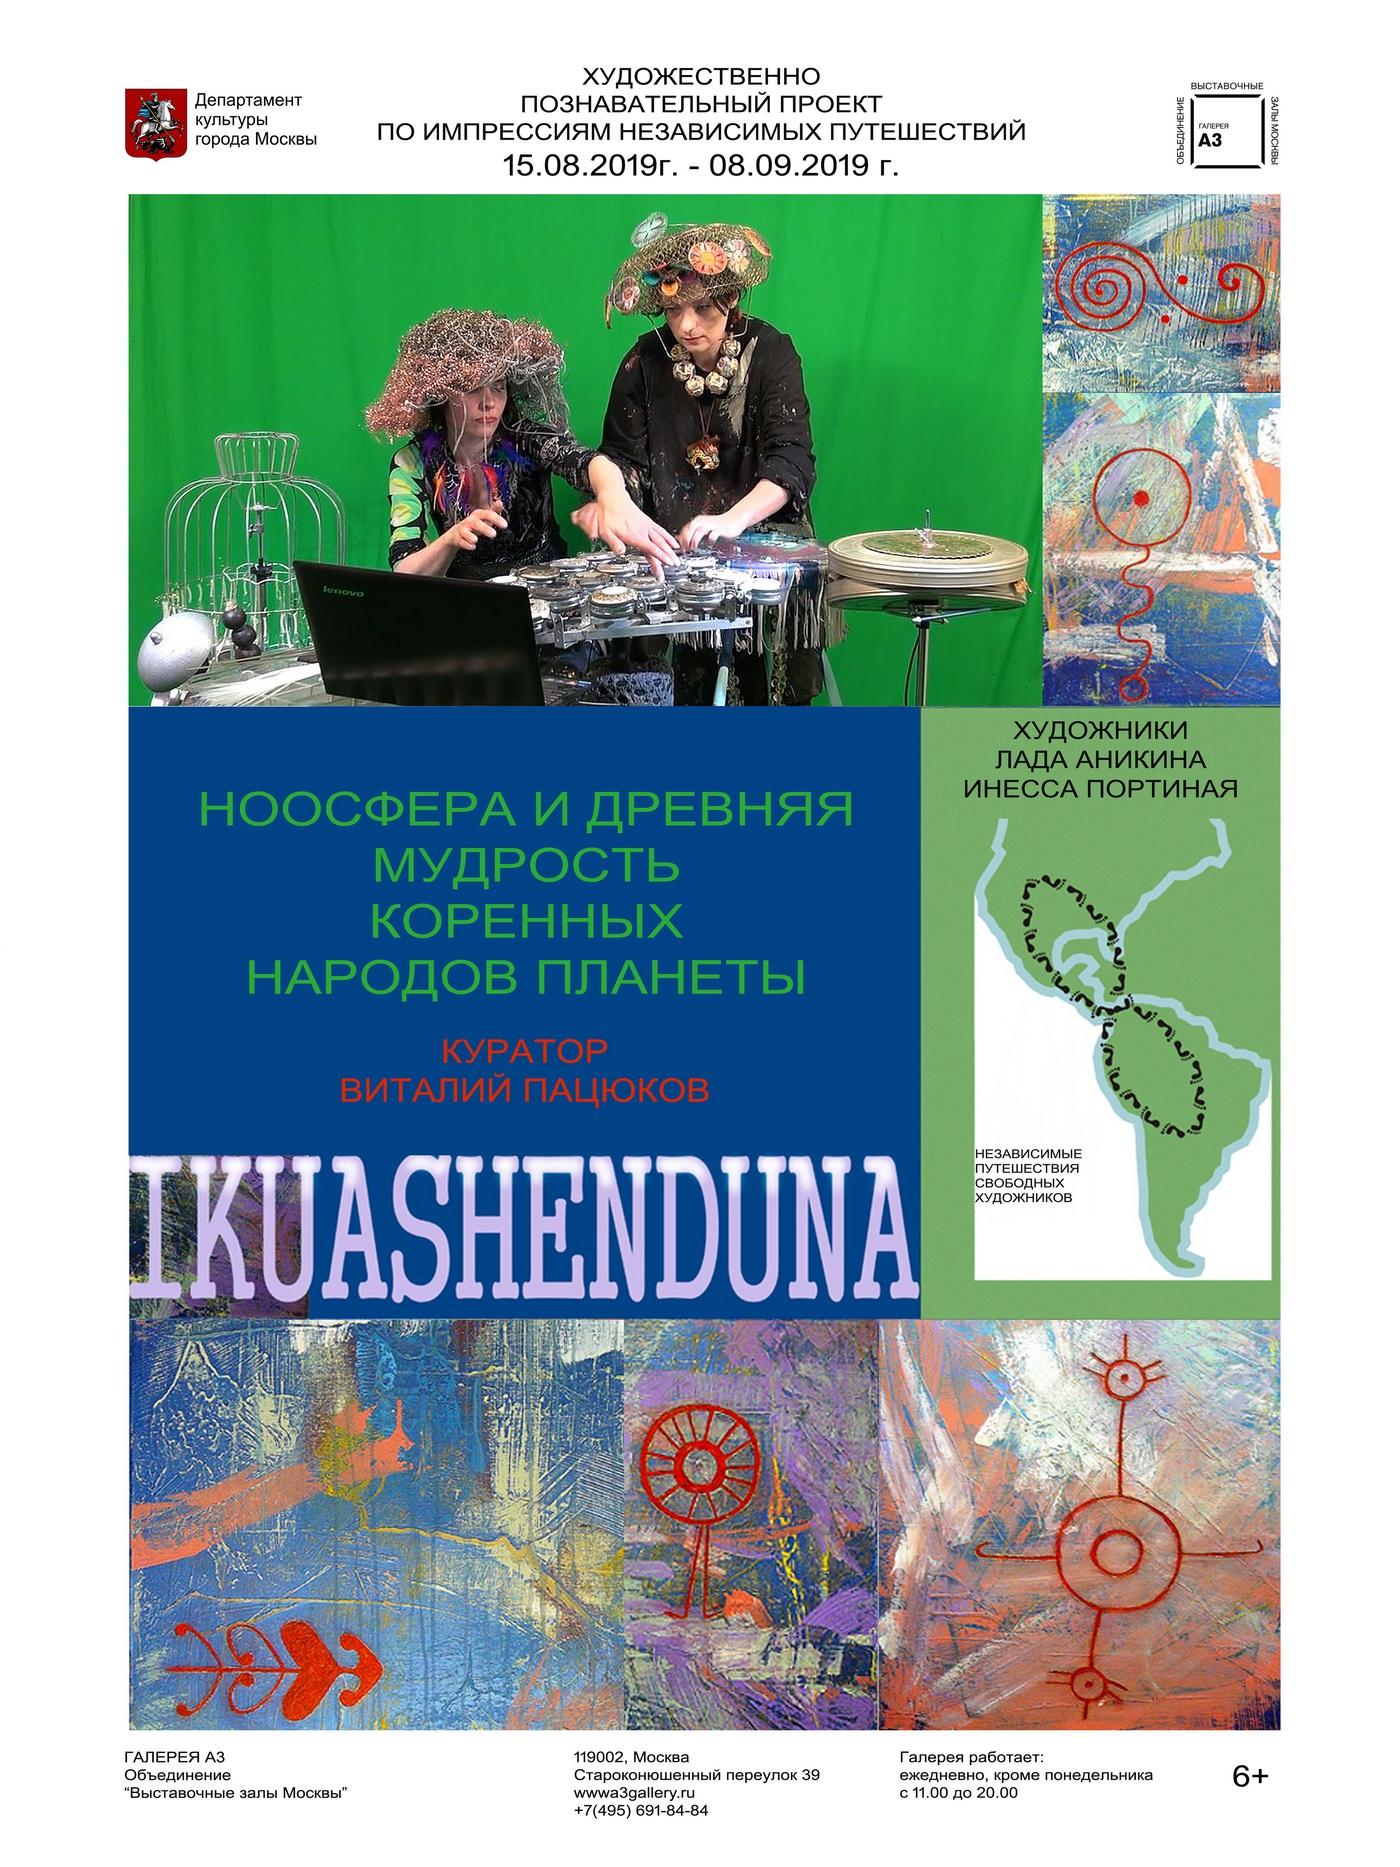 Проект Лады Аникиной и Инессы Портиной «Иквашендуна» 6+